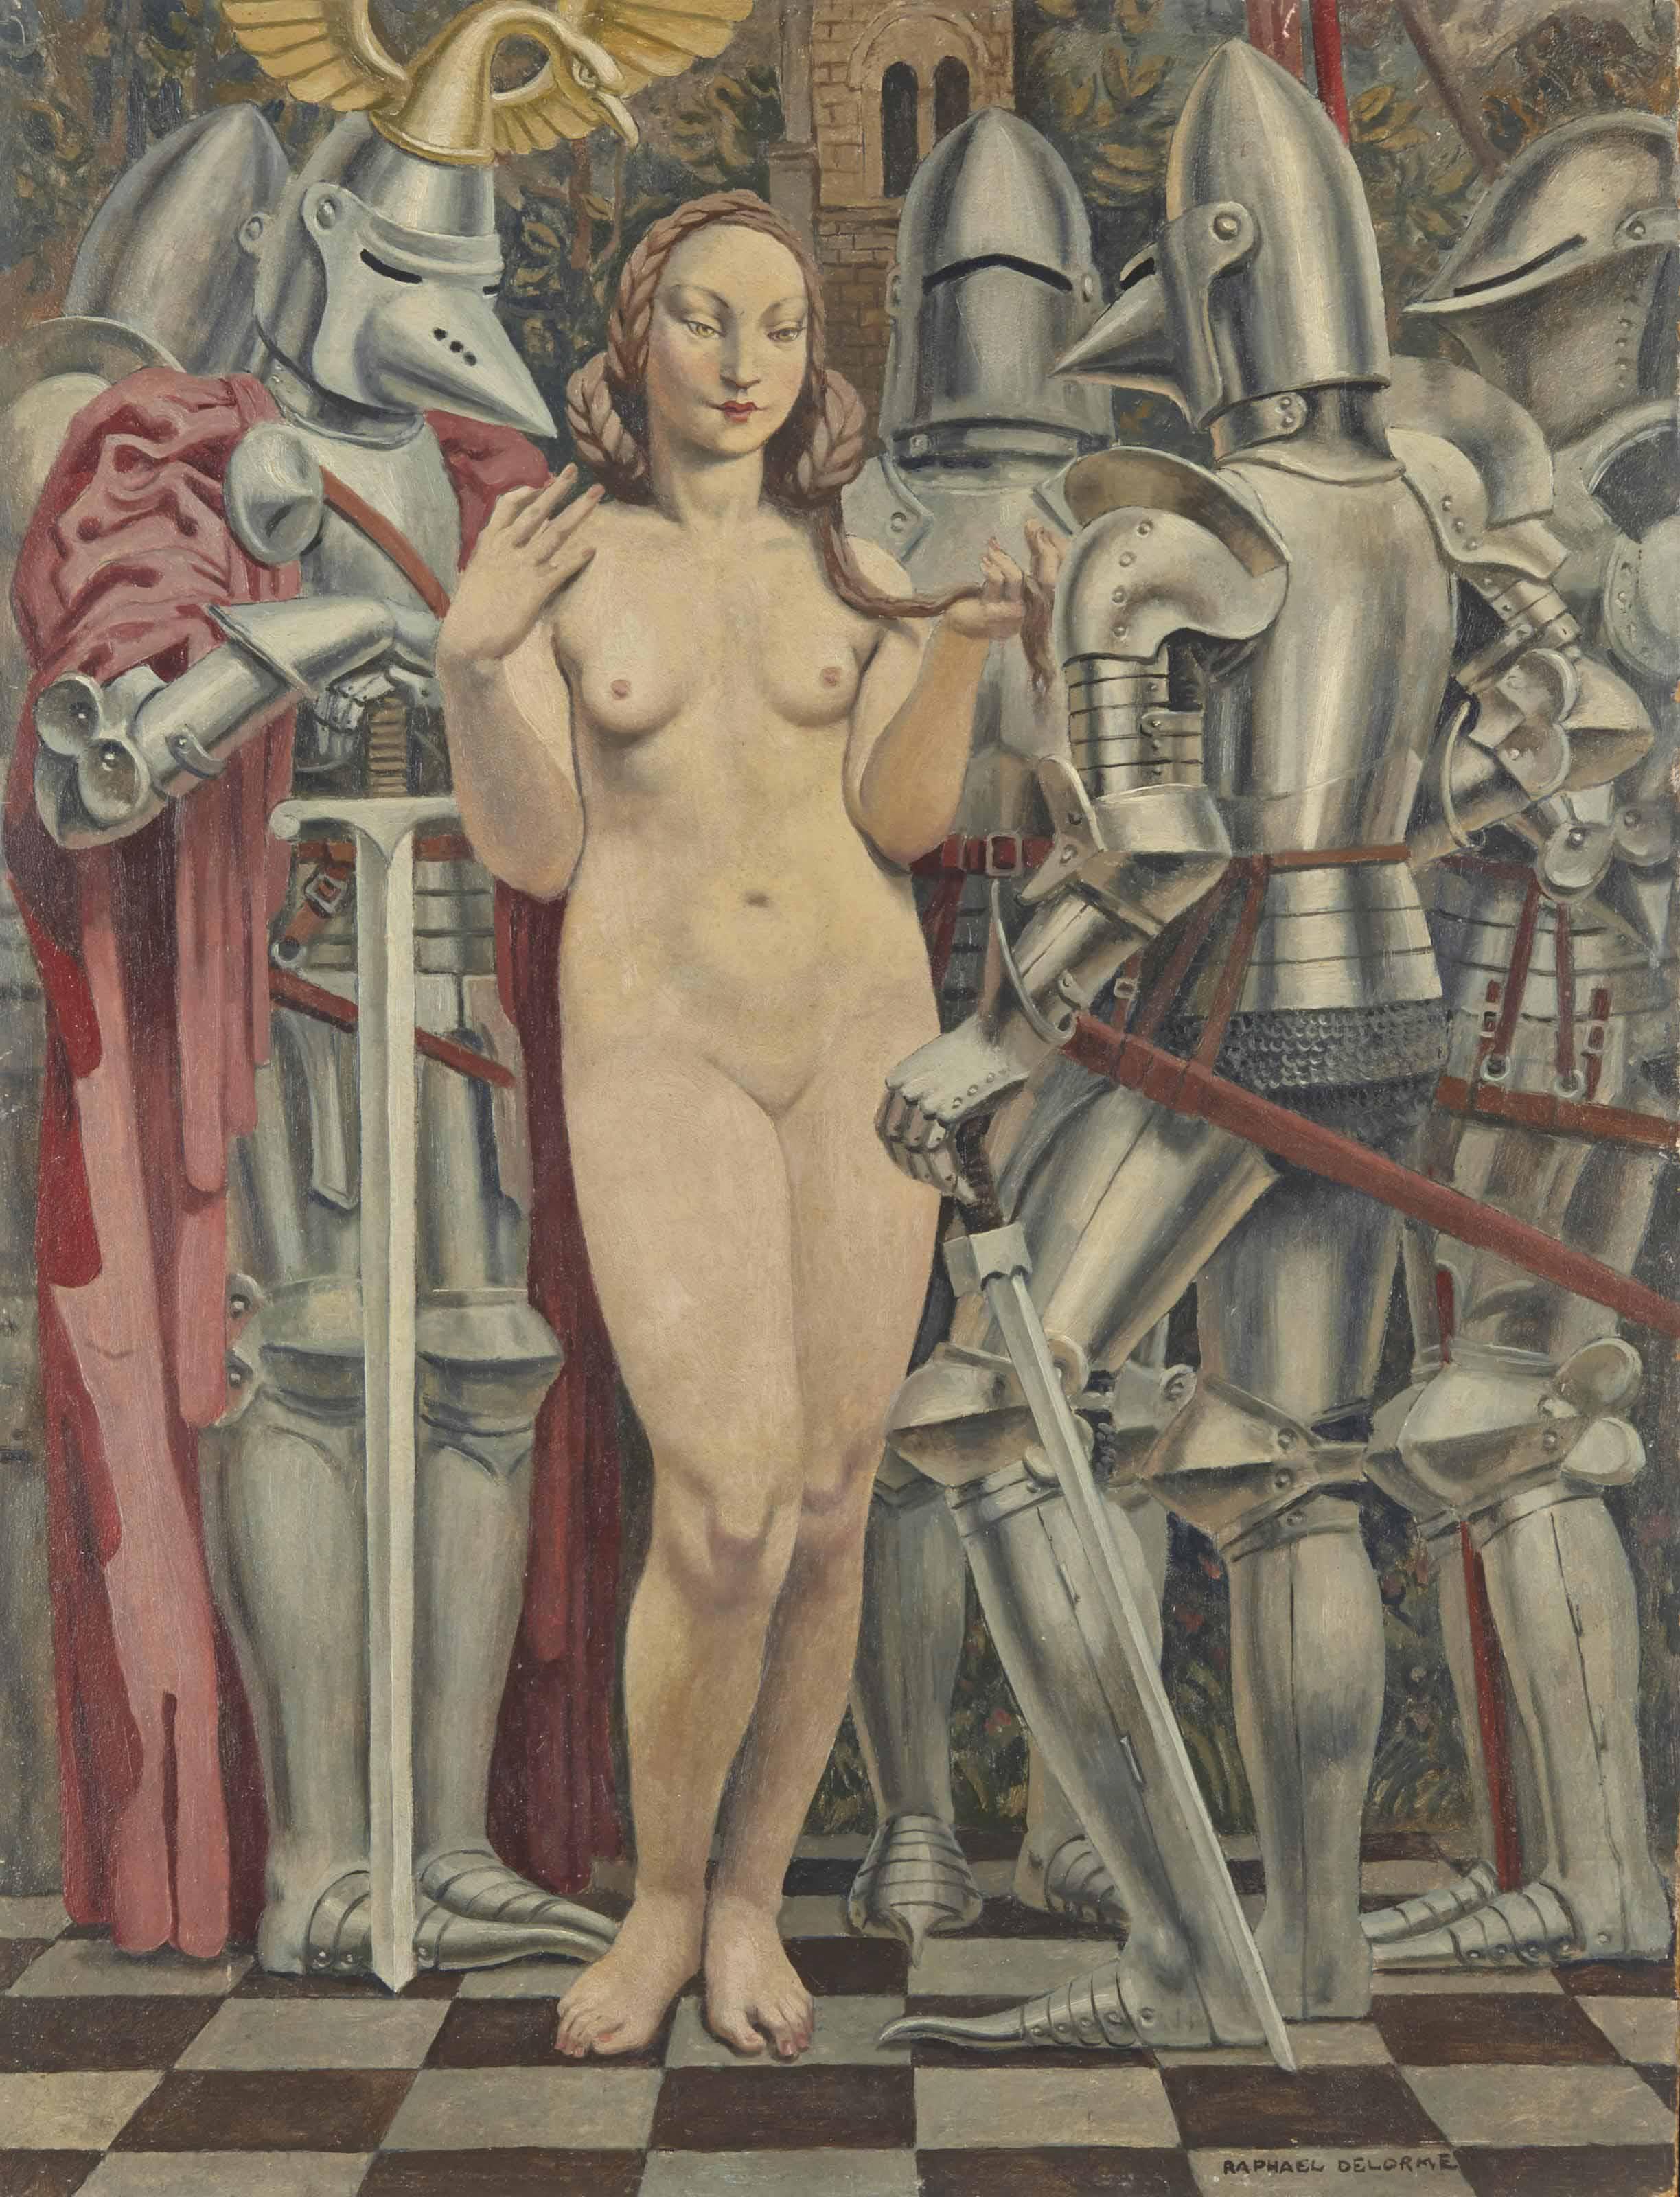 delorme-raphael-femme-aux-armures-ca 1945 coll part